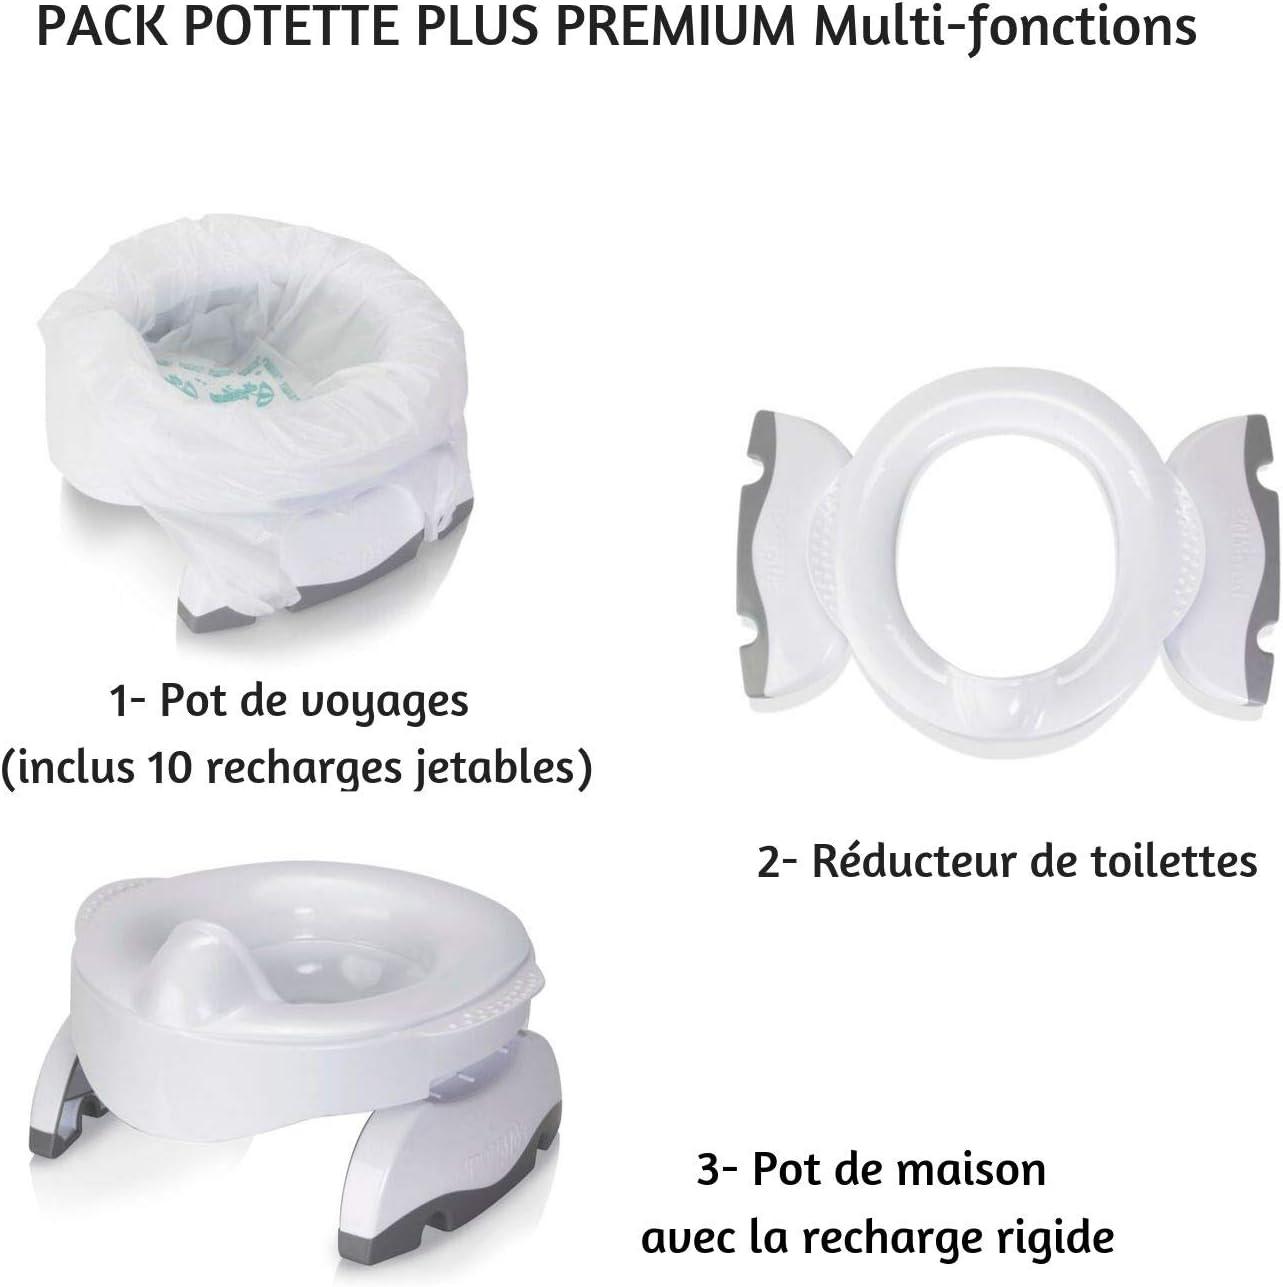 POTETTE PLUS Pot de Voyages//R/éducteur de Toilettes//Maison Gr/âce /à lInsert Rigide Premium Multifonctions 10 Recharges Jetables Blanc